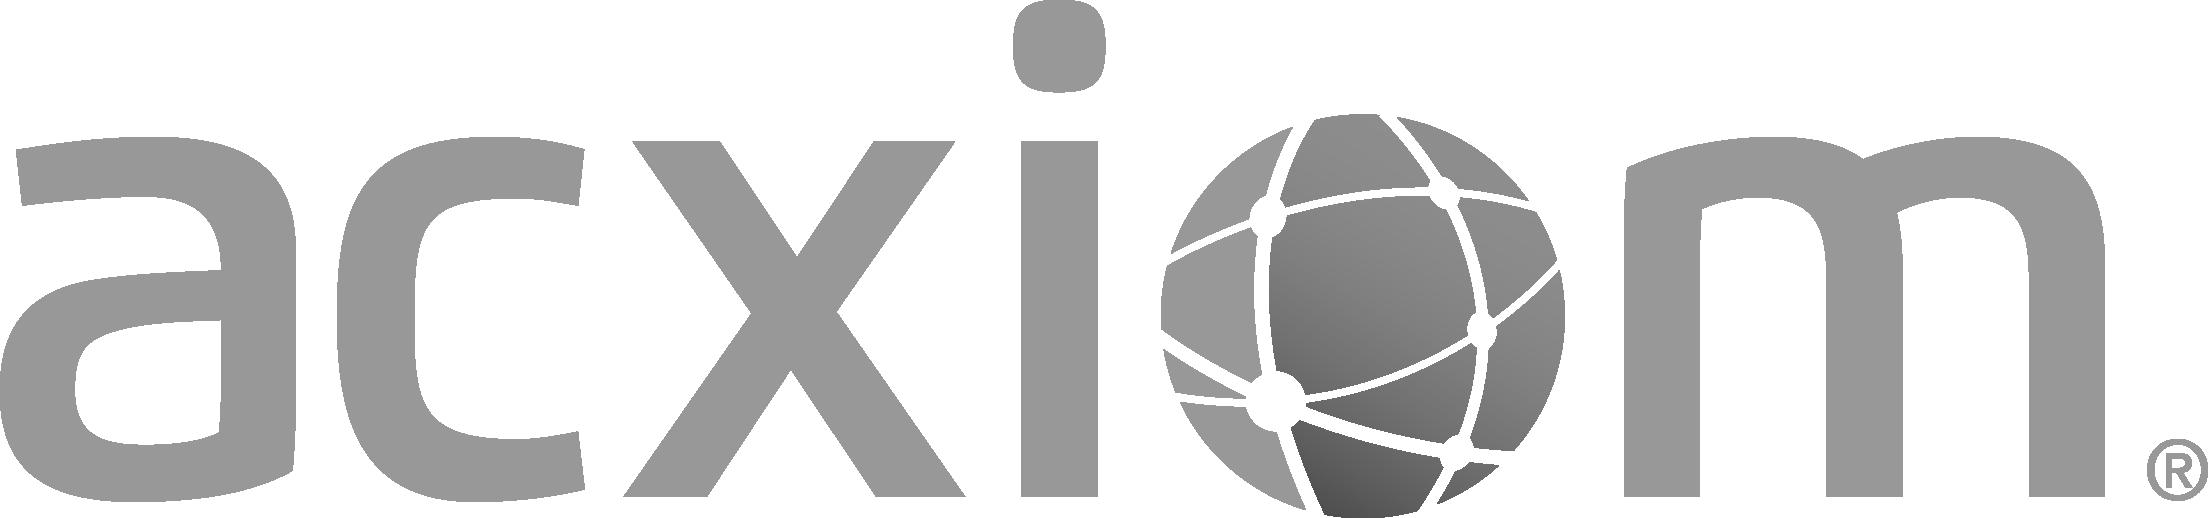 Informatica Consulting UK